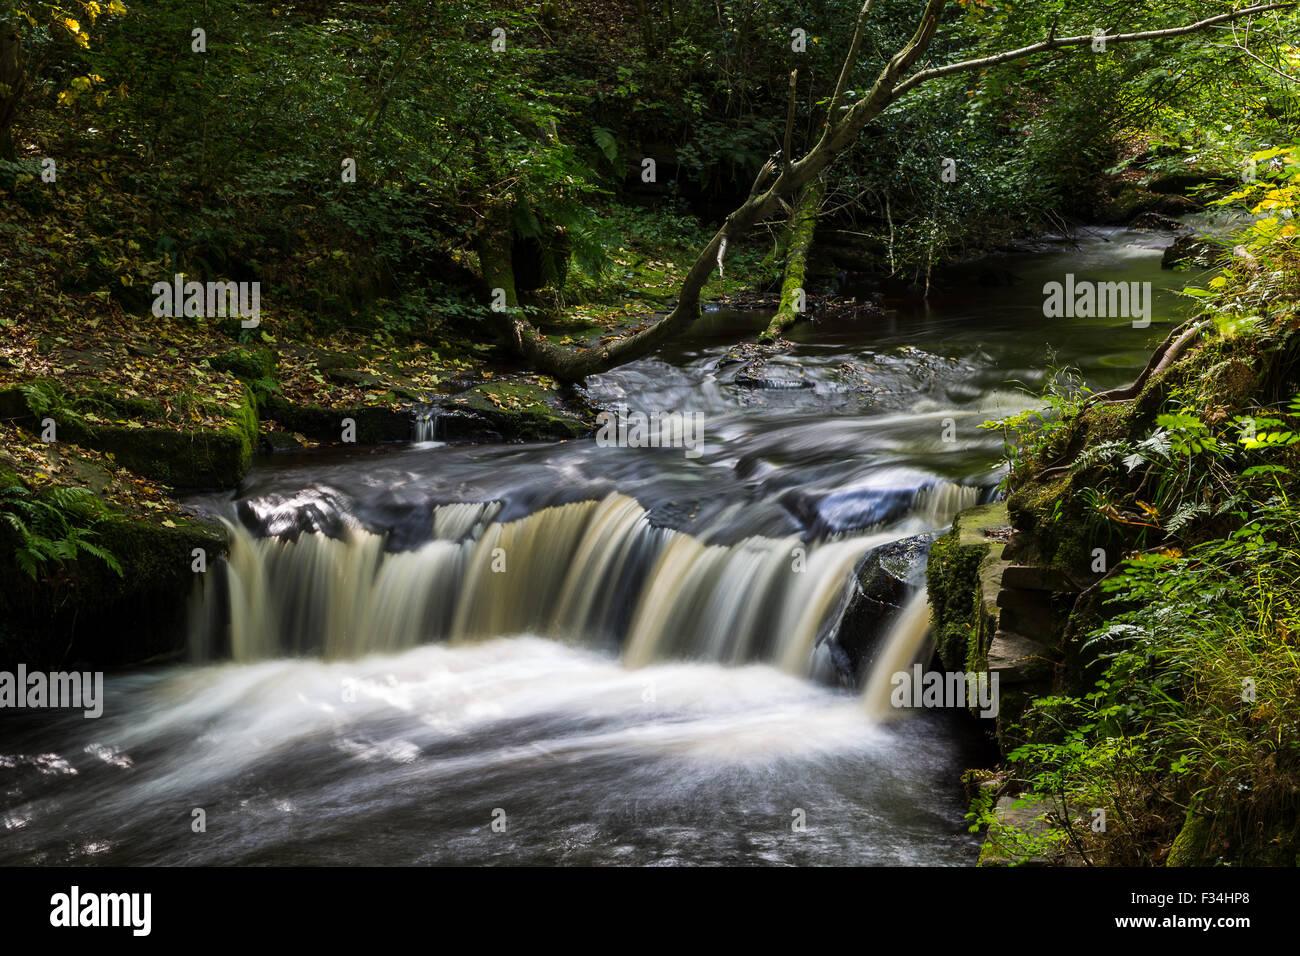 Cascades d'eau vu le long de la vallée de Rivelin Sentier nature près de Sheffield. Banque D'Images